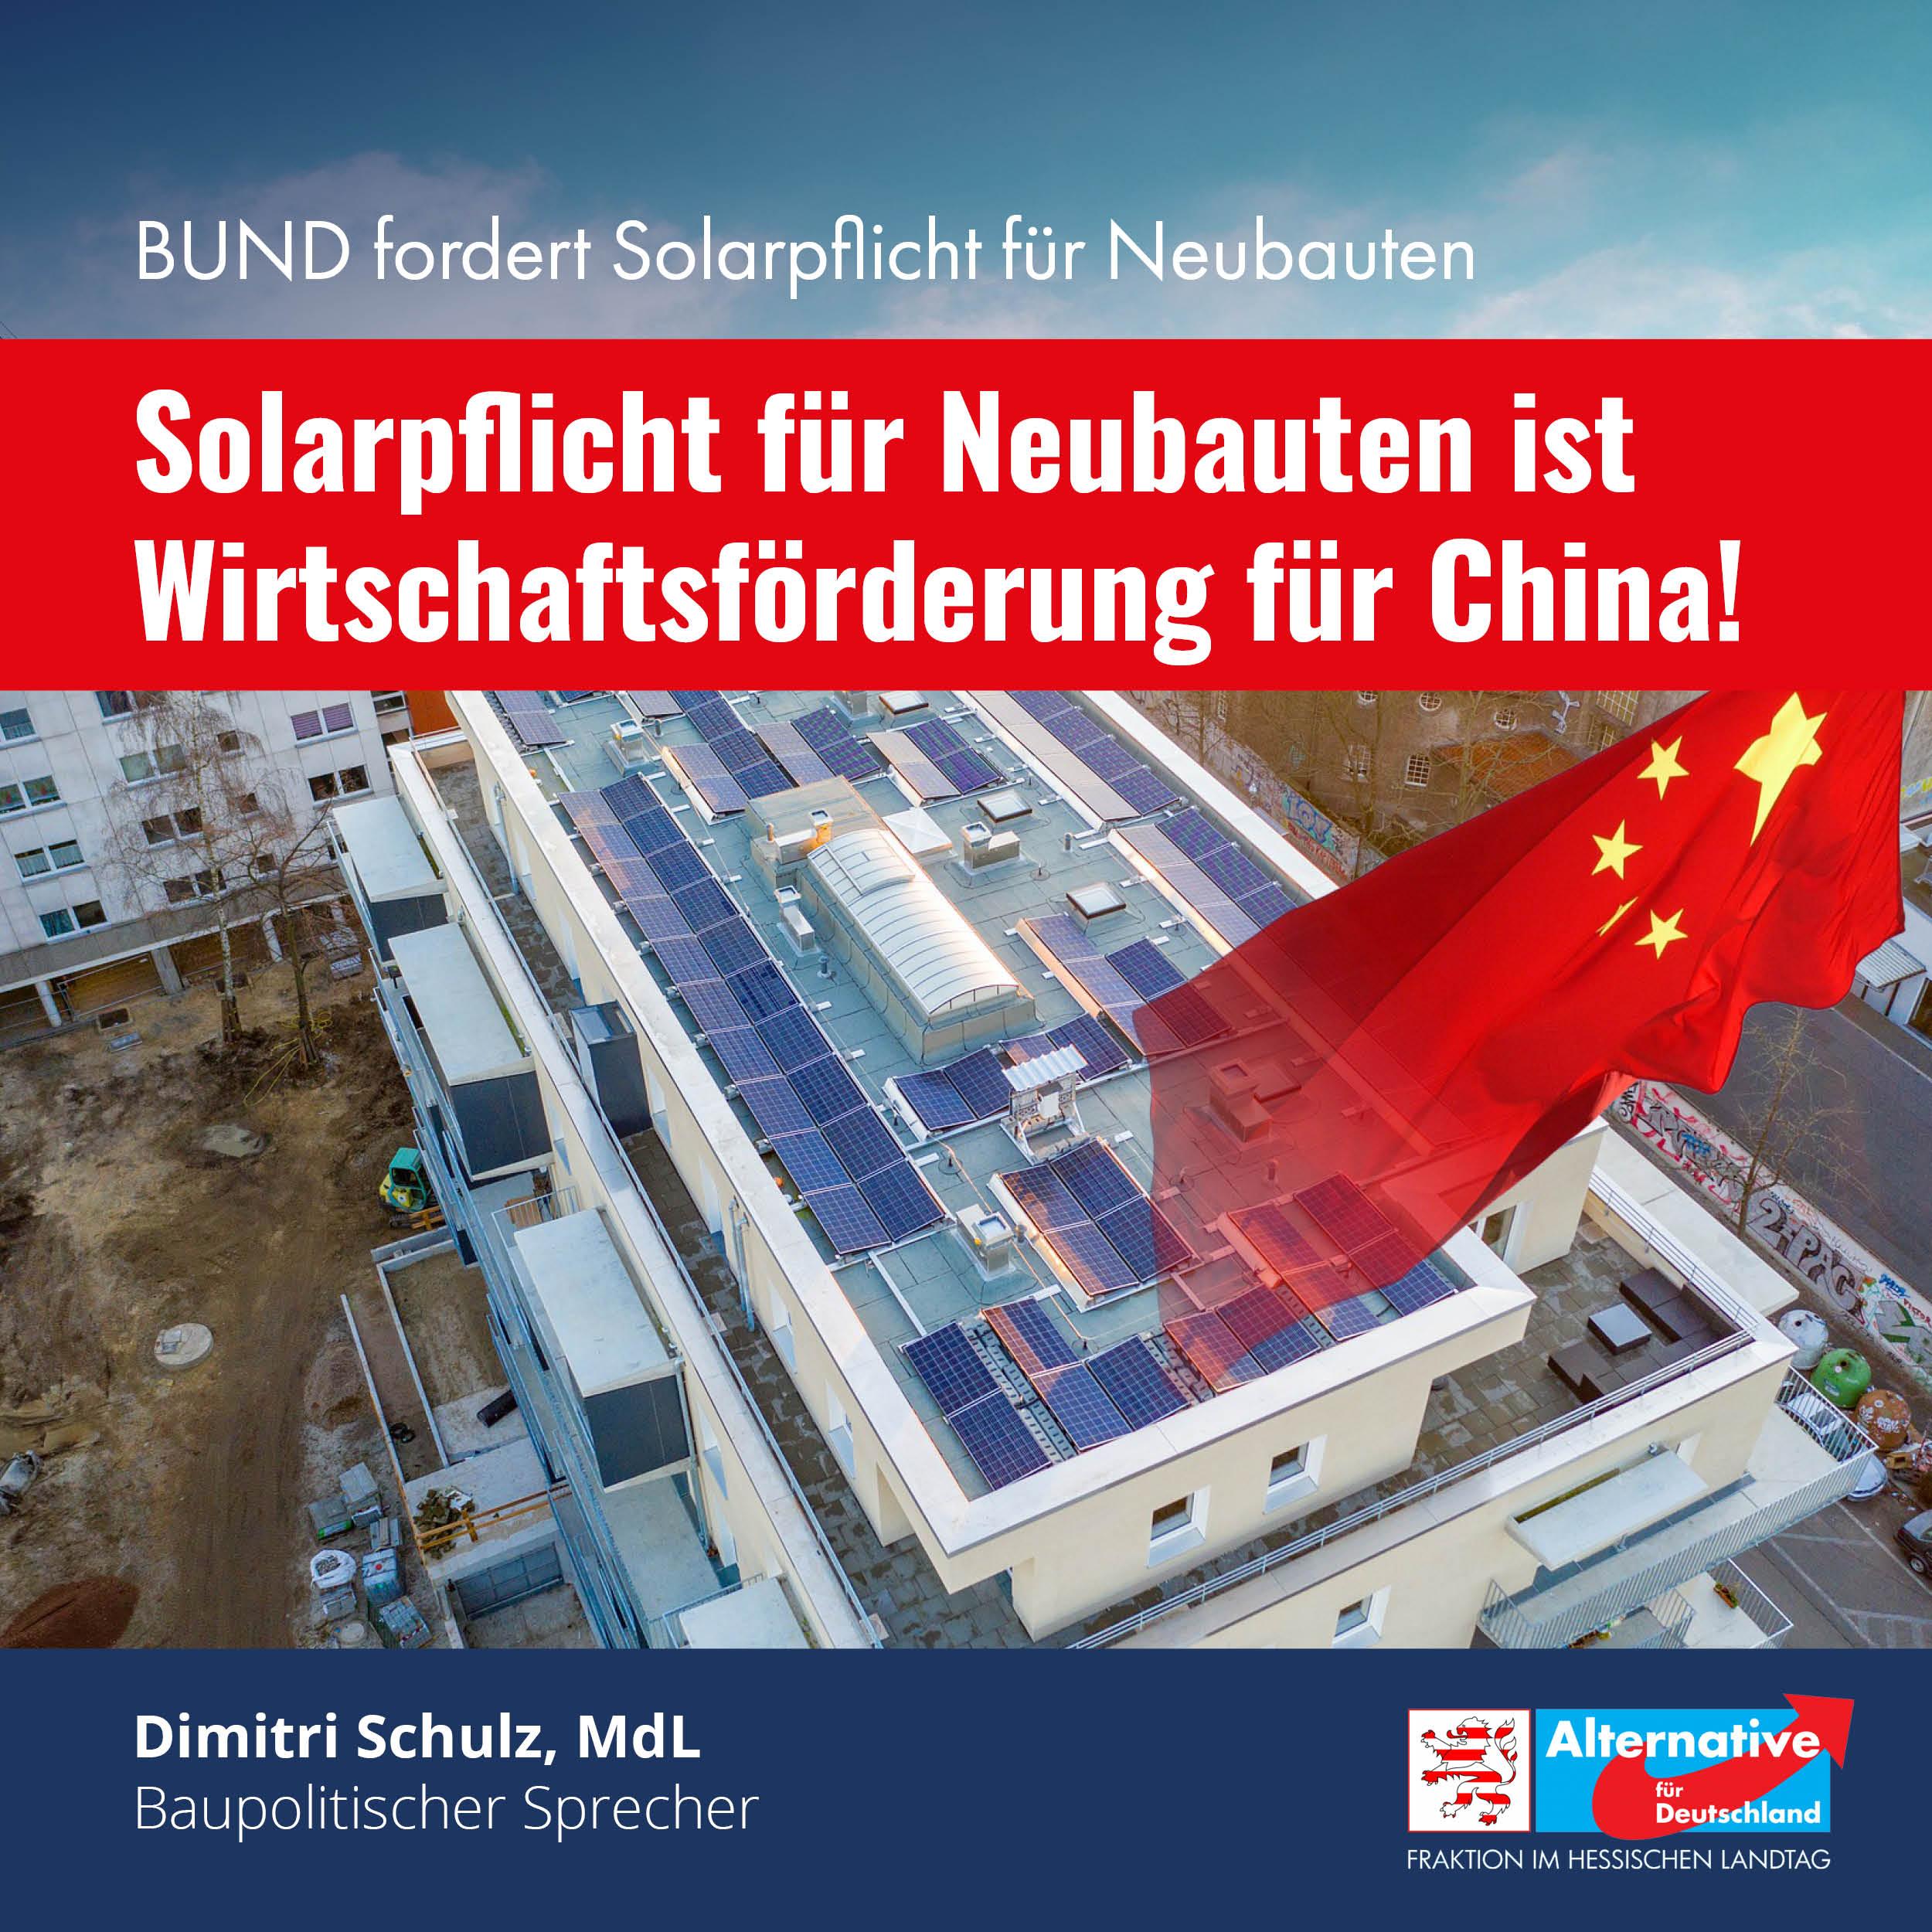 Solarpflicht für Neubauten